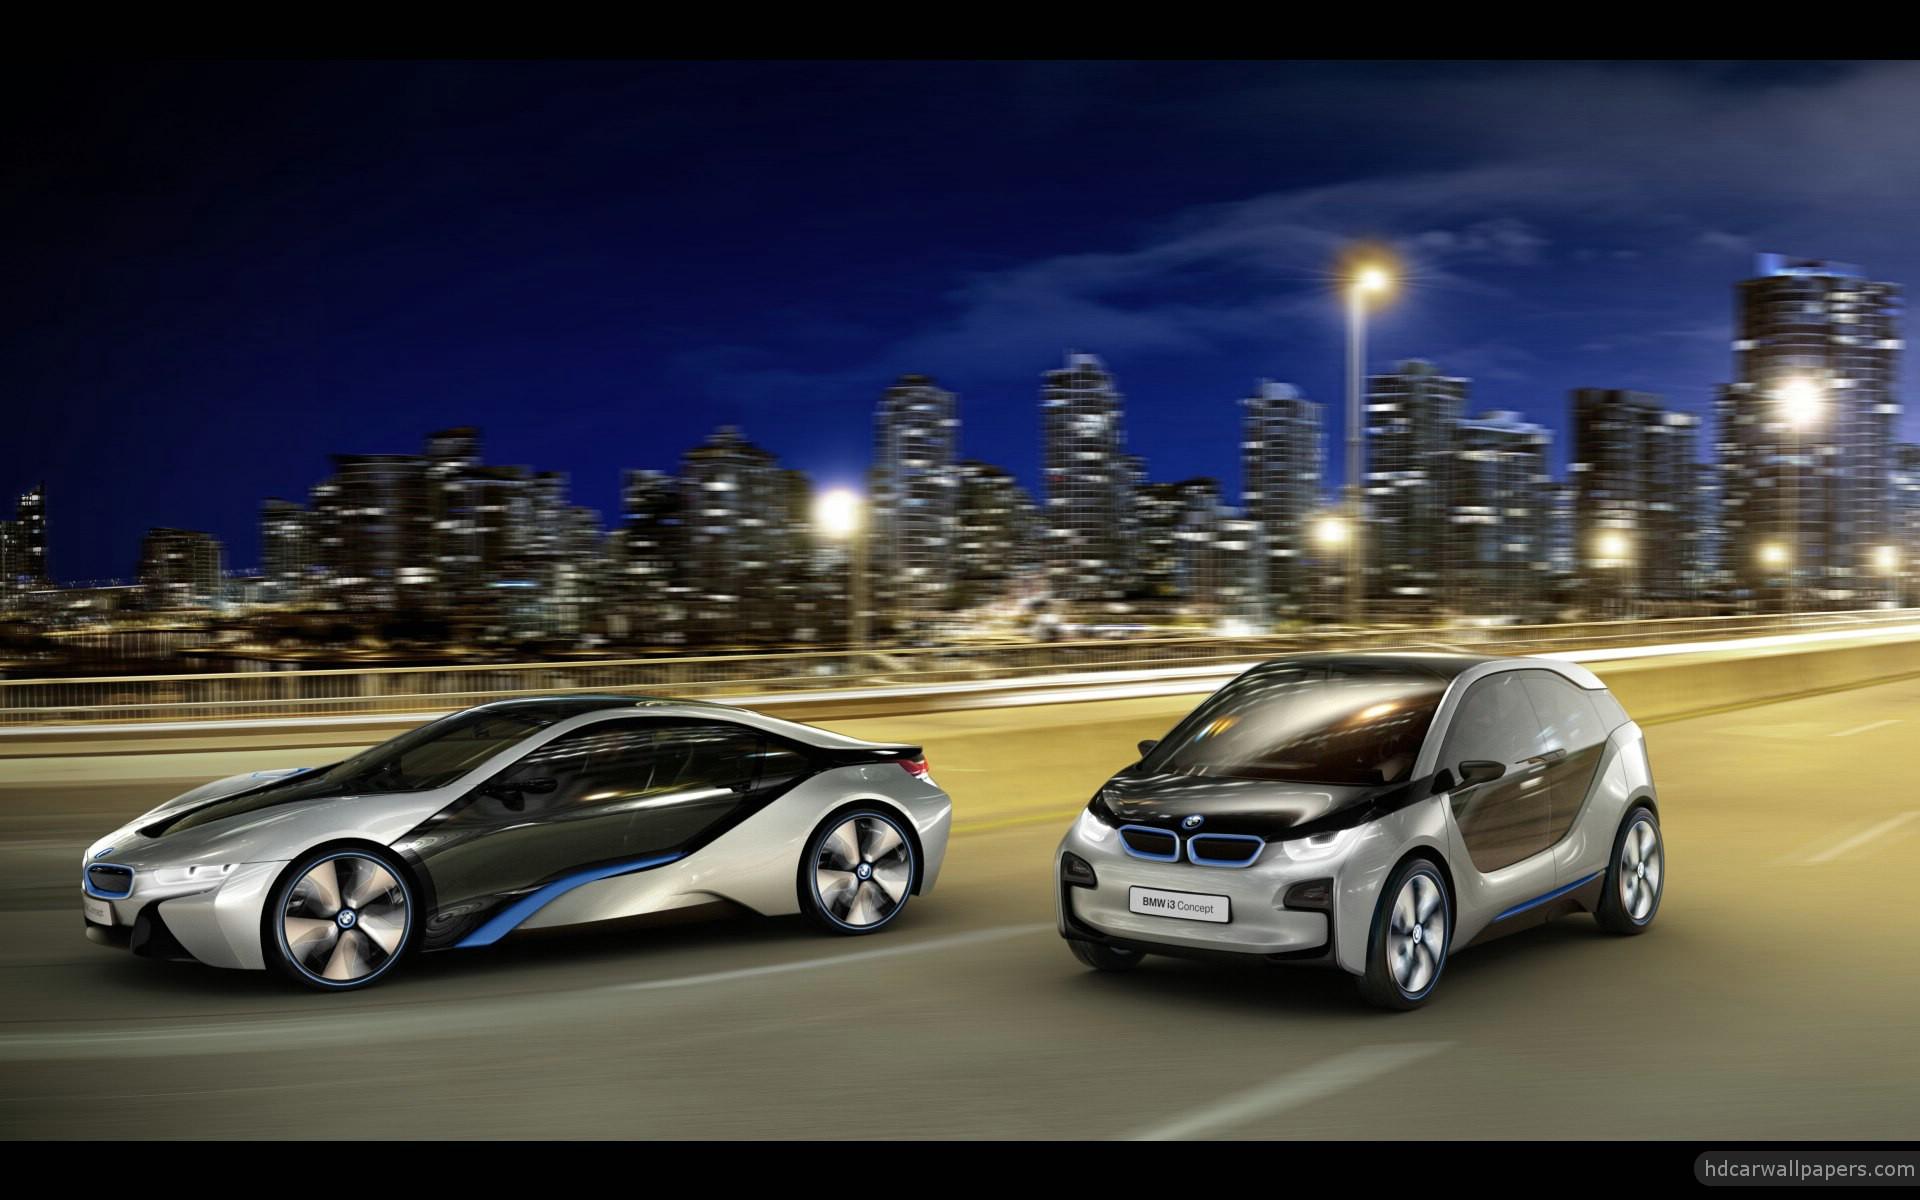 2012 bmw i8 i3 concept cars 3